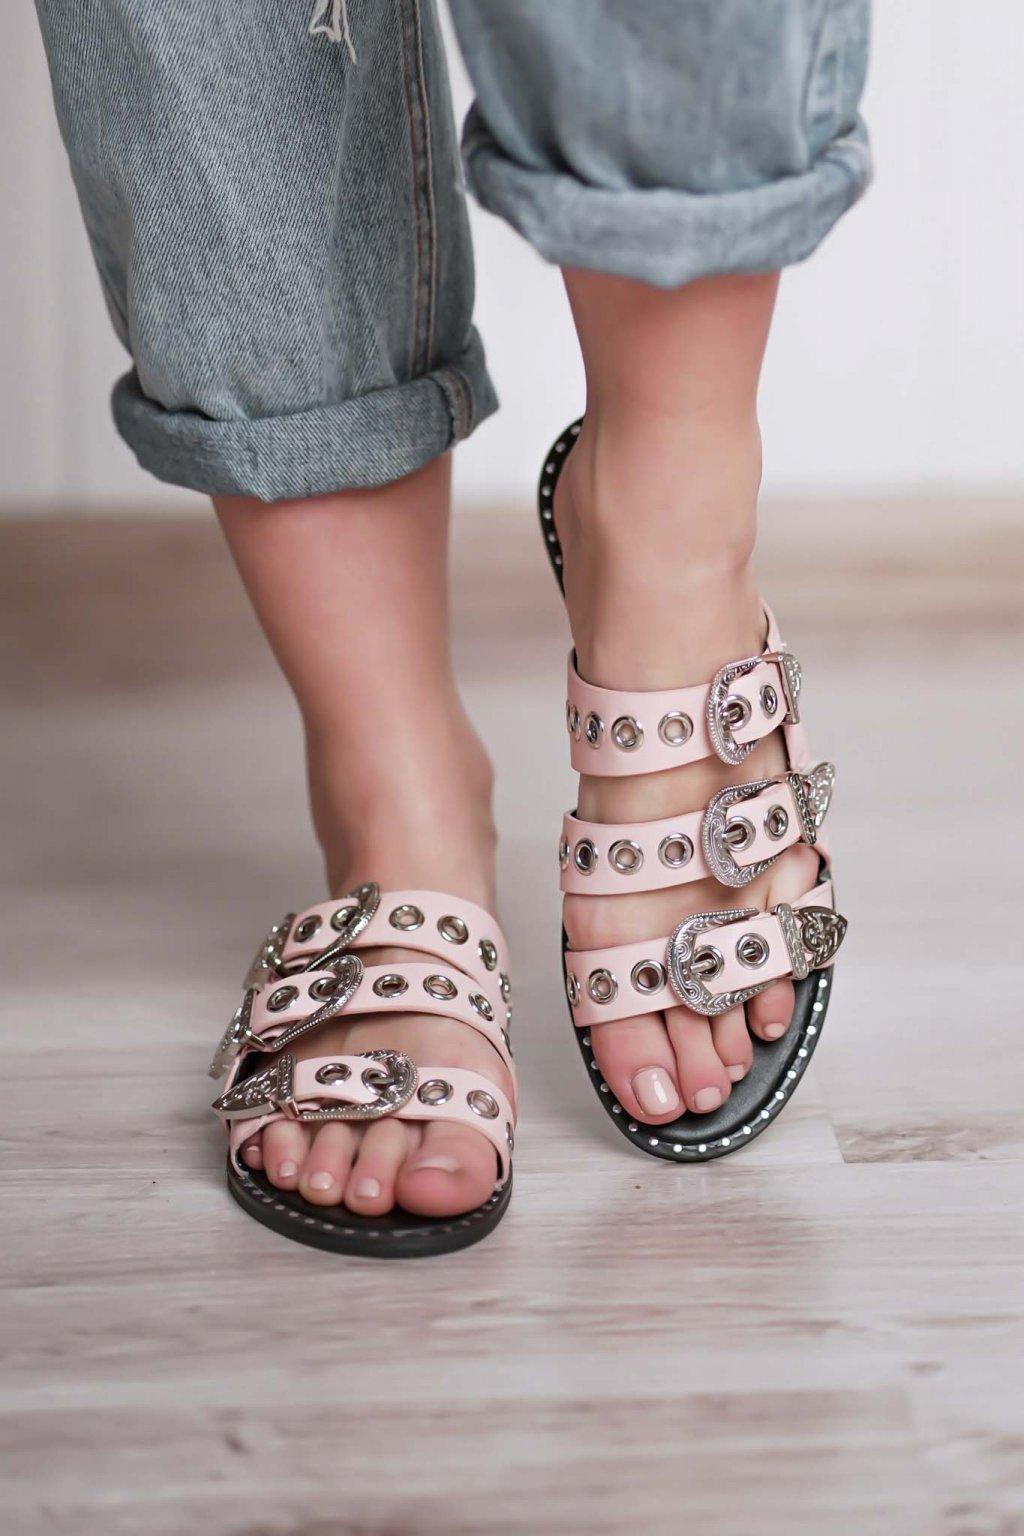 šľapky, papučky, papuče, espadrilky, spoločenska obuc, obuv na bežny deň, letná obuv, darček pre ňu, 101